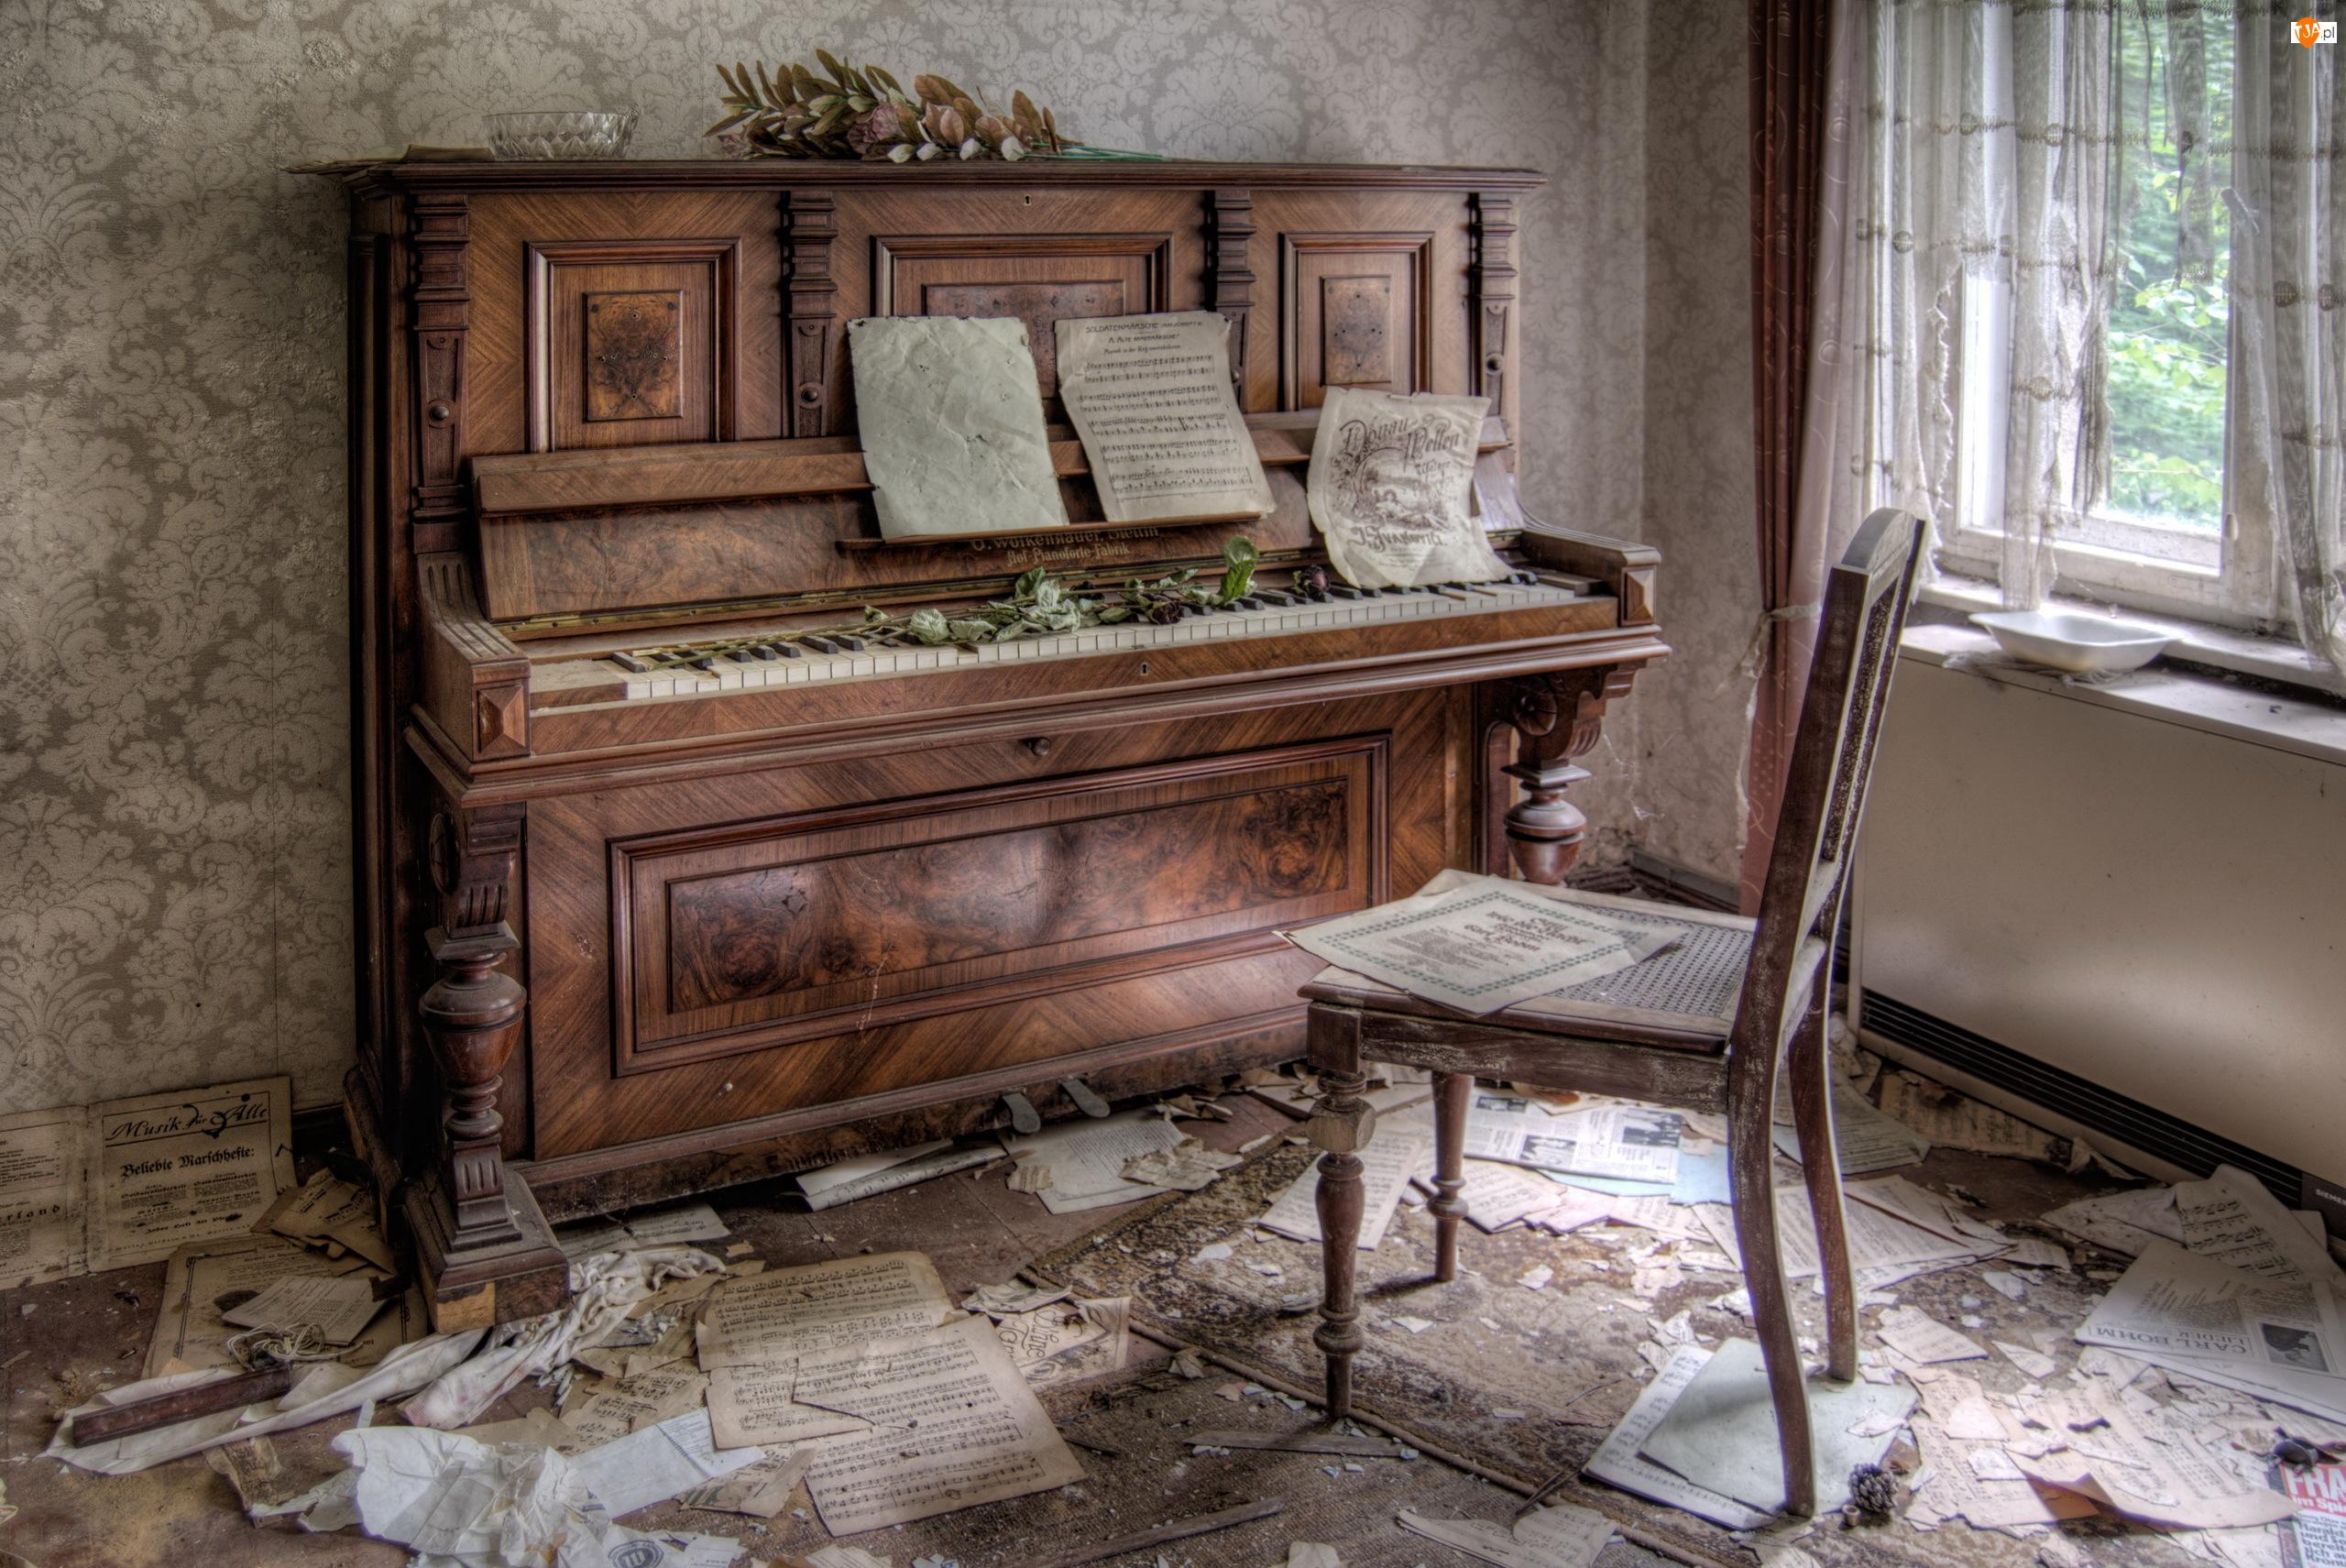 Krzesło, Zaniedbany, Pianino, Pokój, Bałagan